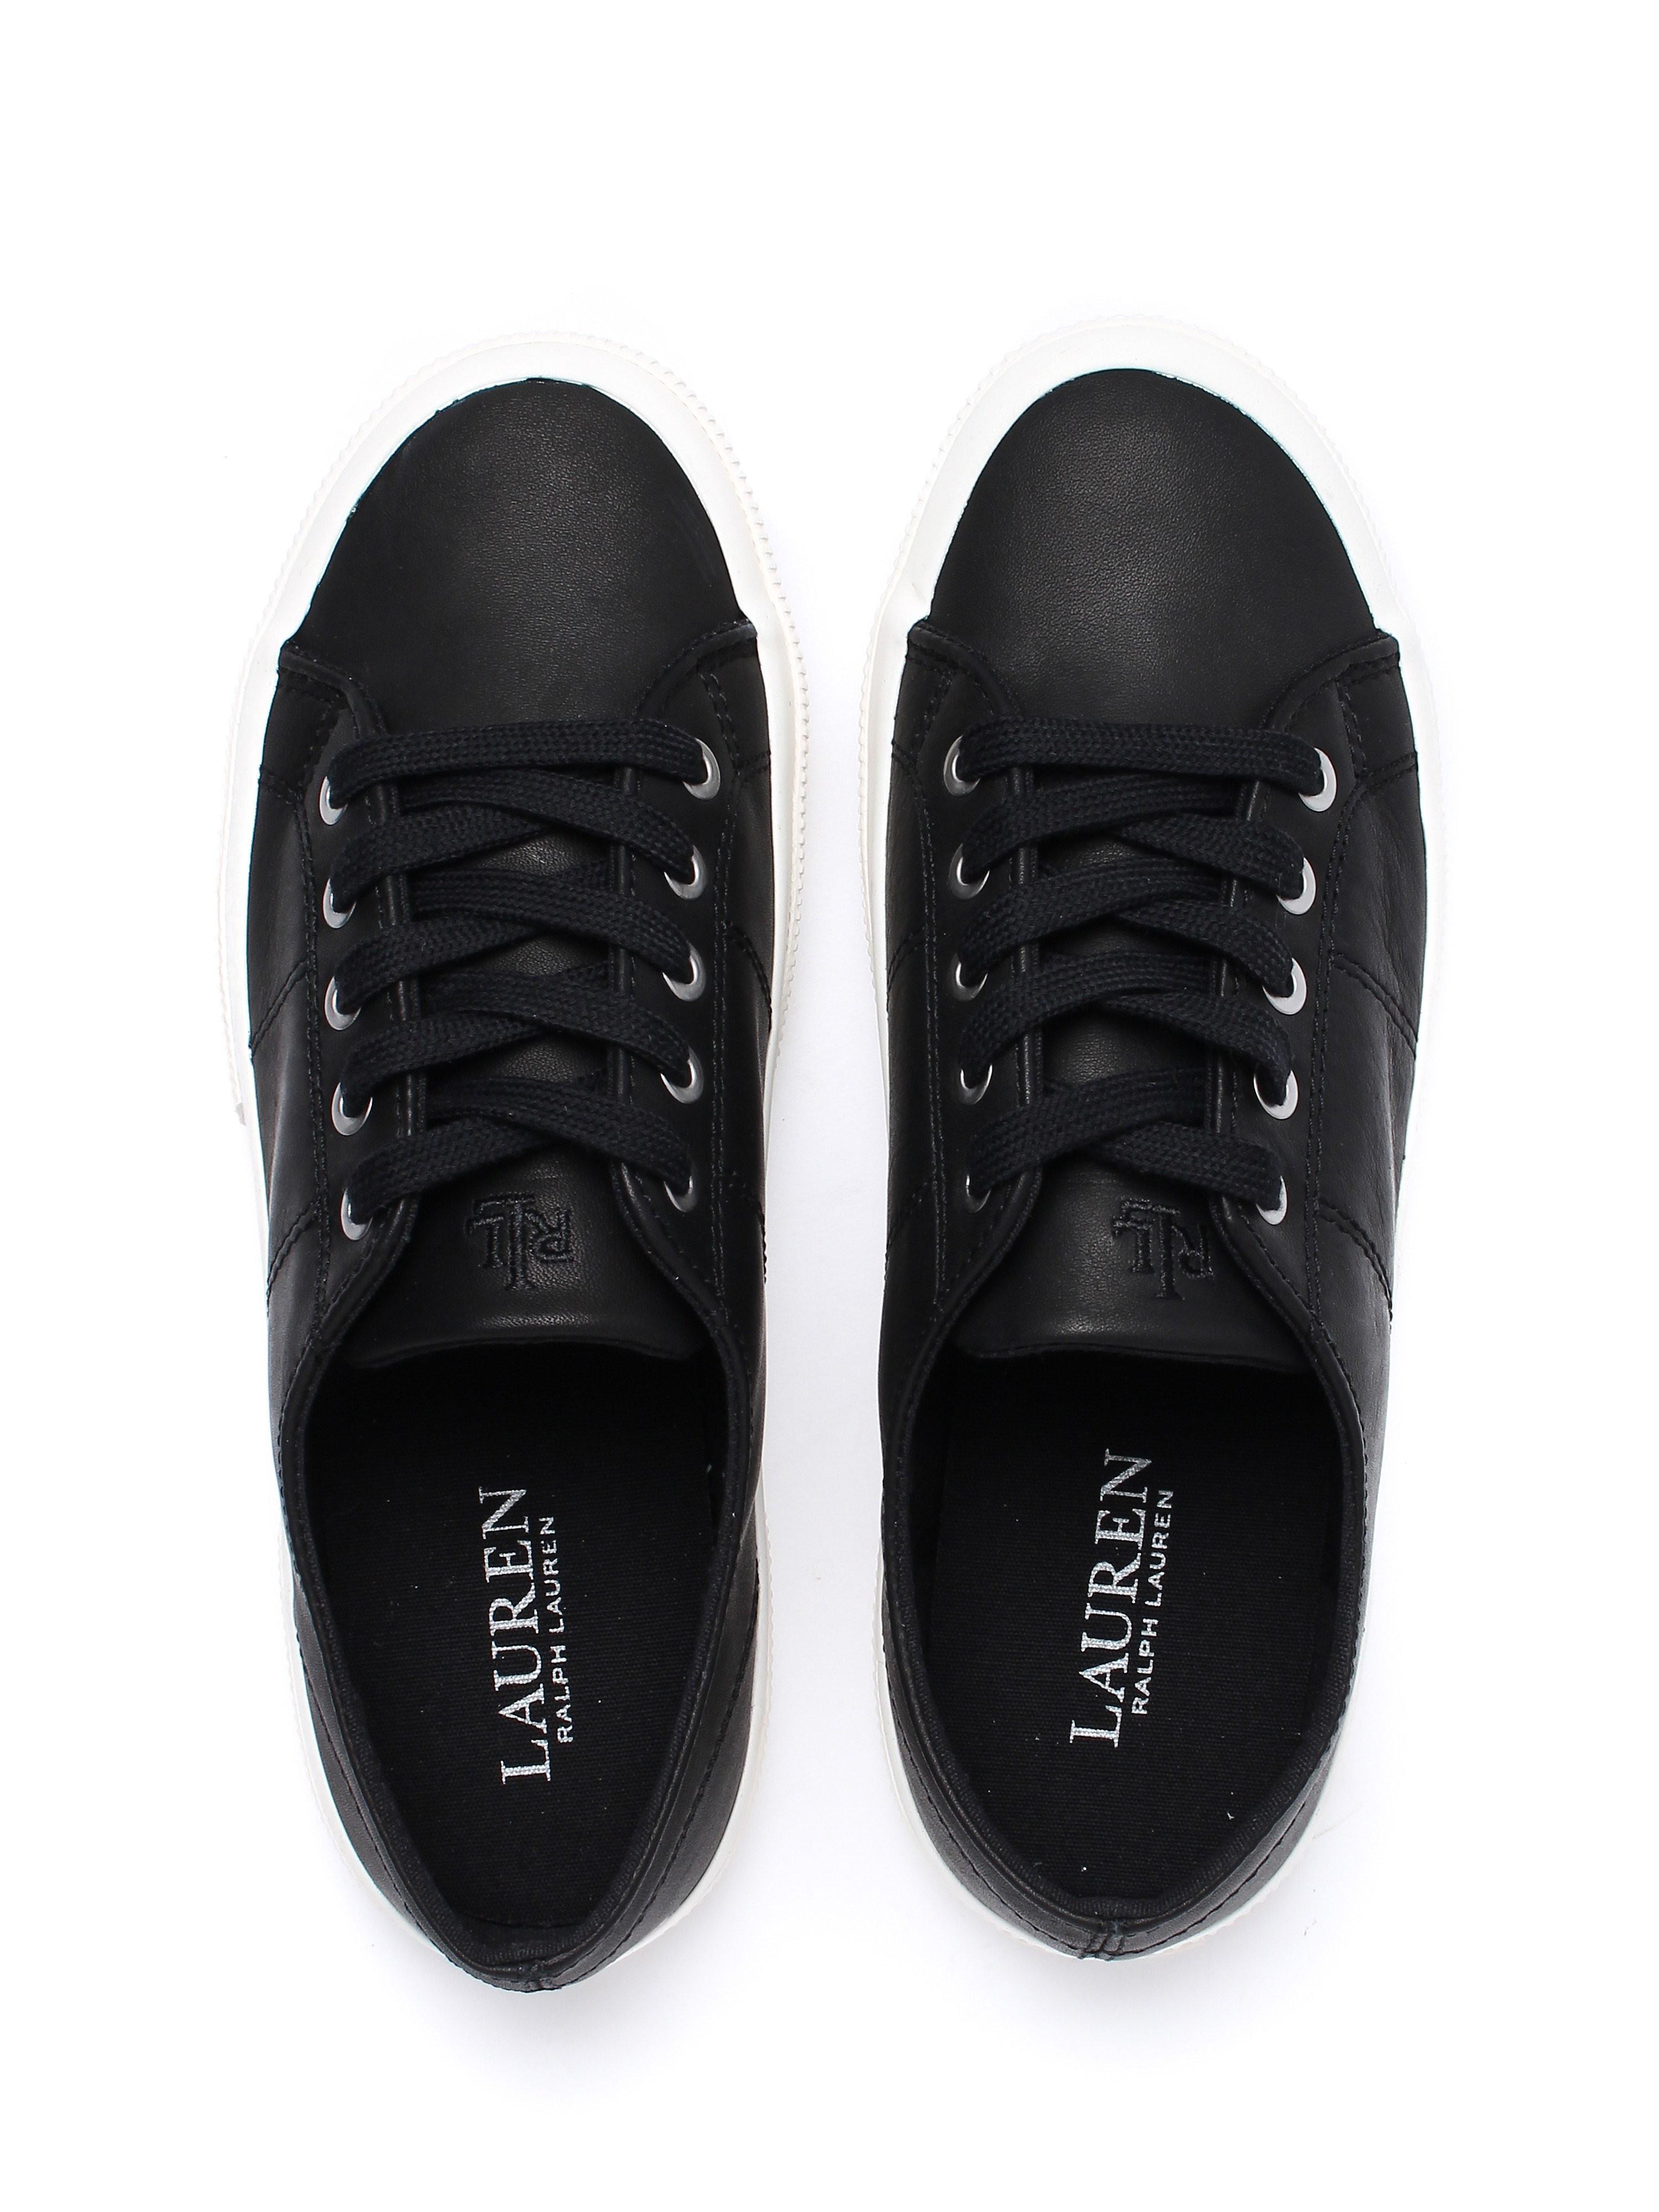 Lauren Ralph Lauren Women's Jolie Trainers - Black Leather